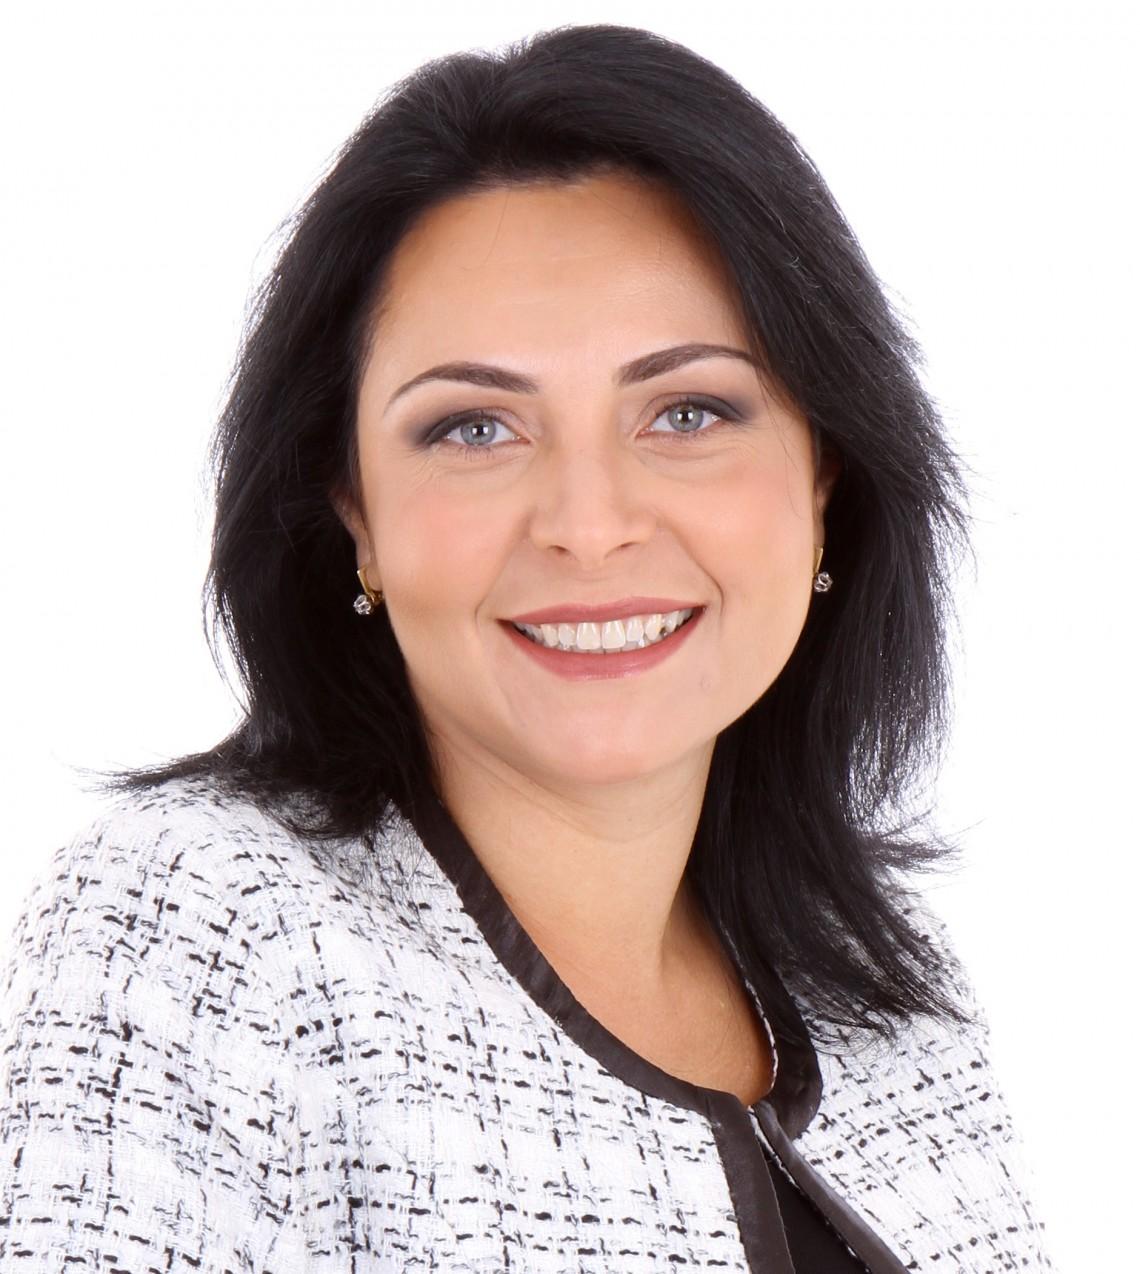 אלכסנדרה ציבולבסקי